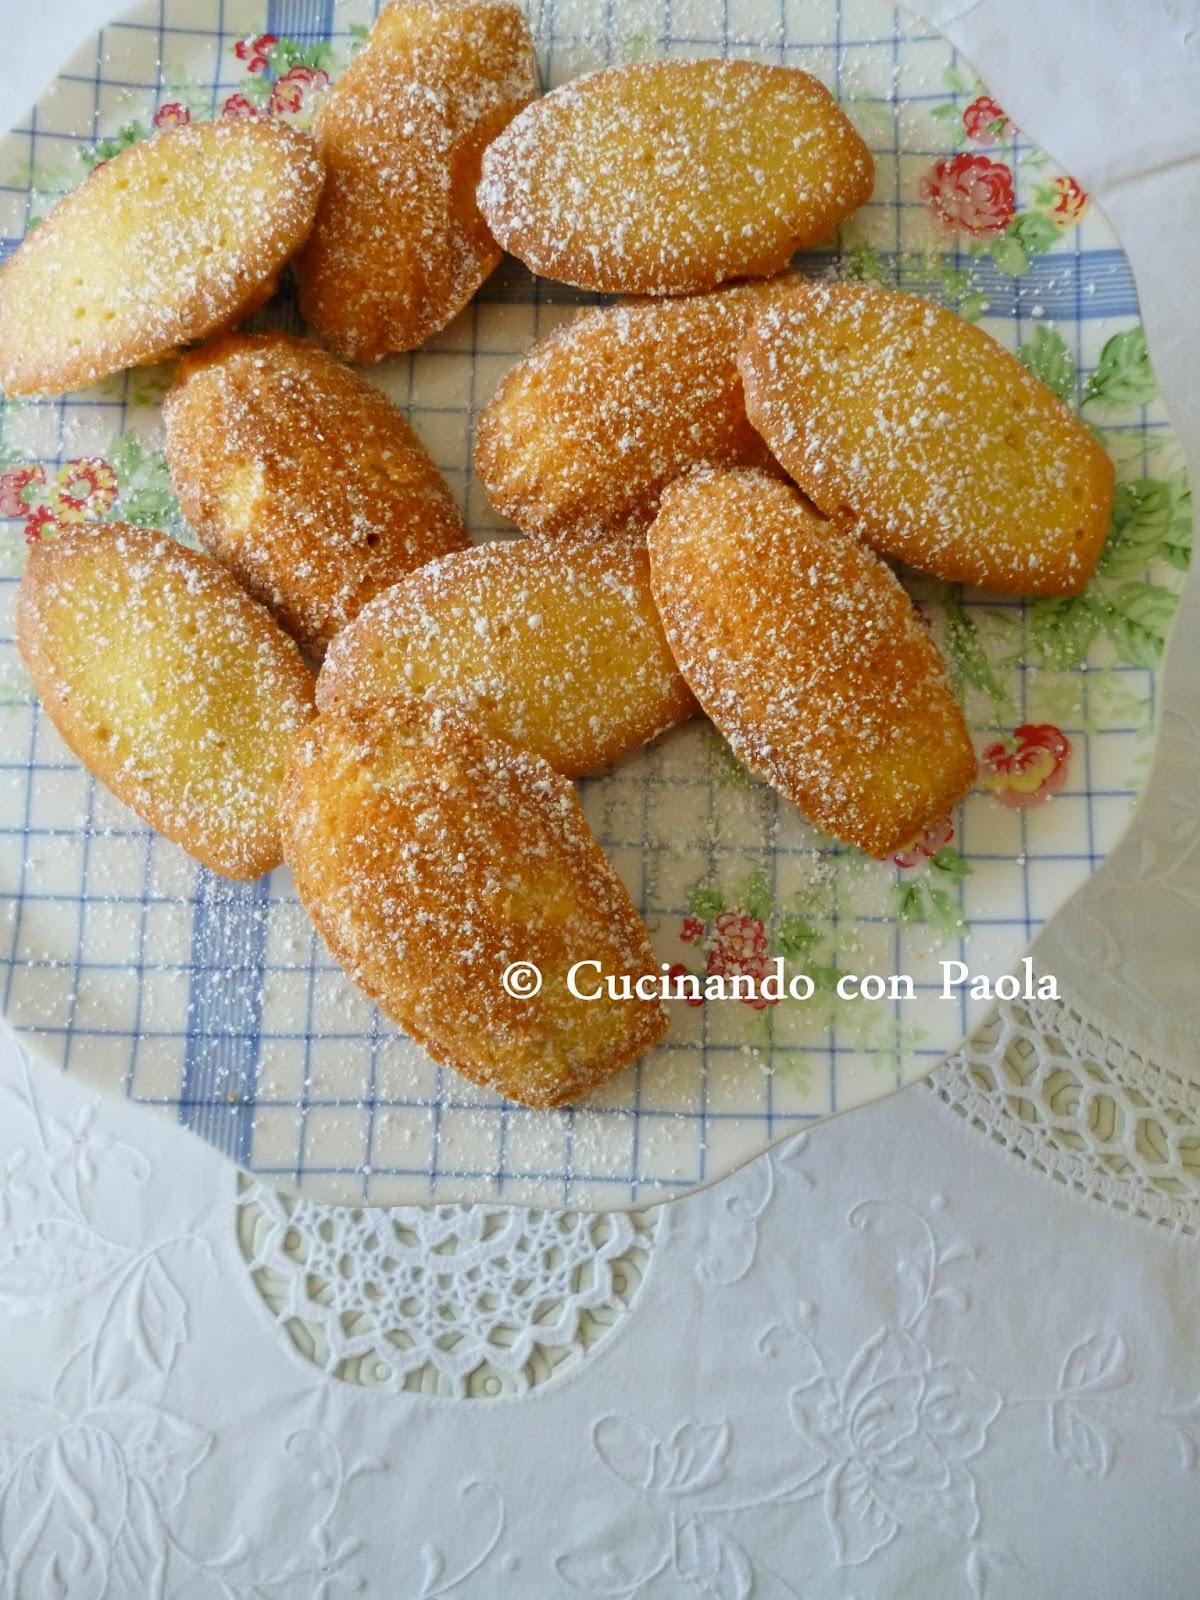 petites madeleines alla vaniglia